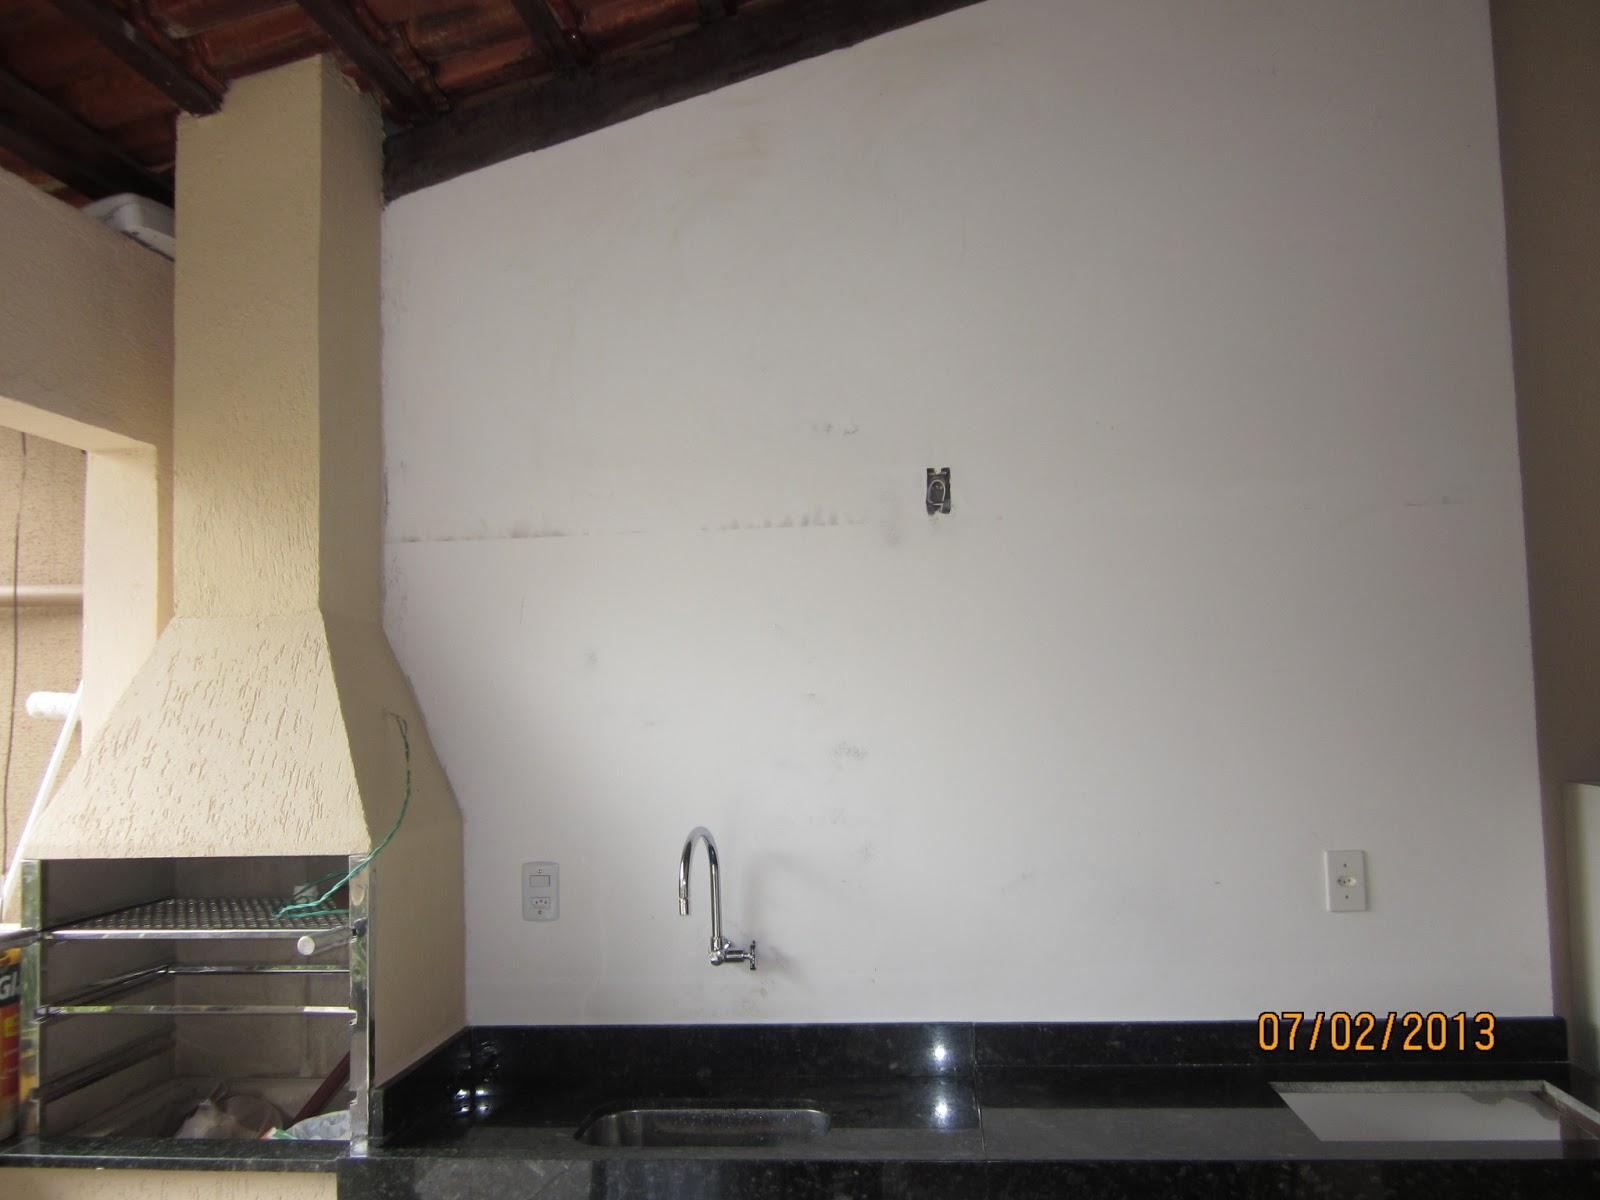 Papel de Parede: Piso Vinilico Decorar Parede Decoração de Paredes #73634D 1600x1200 Acessorios Banheiro Leroy